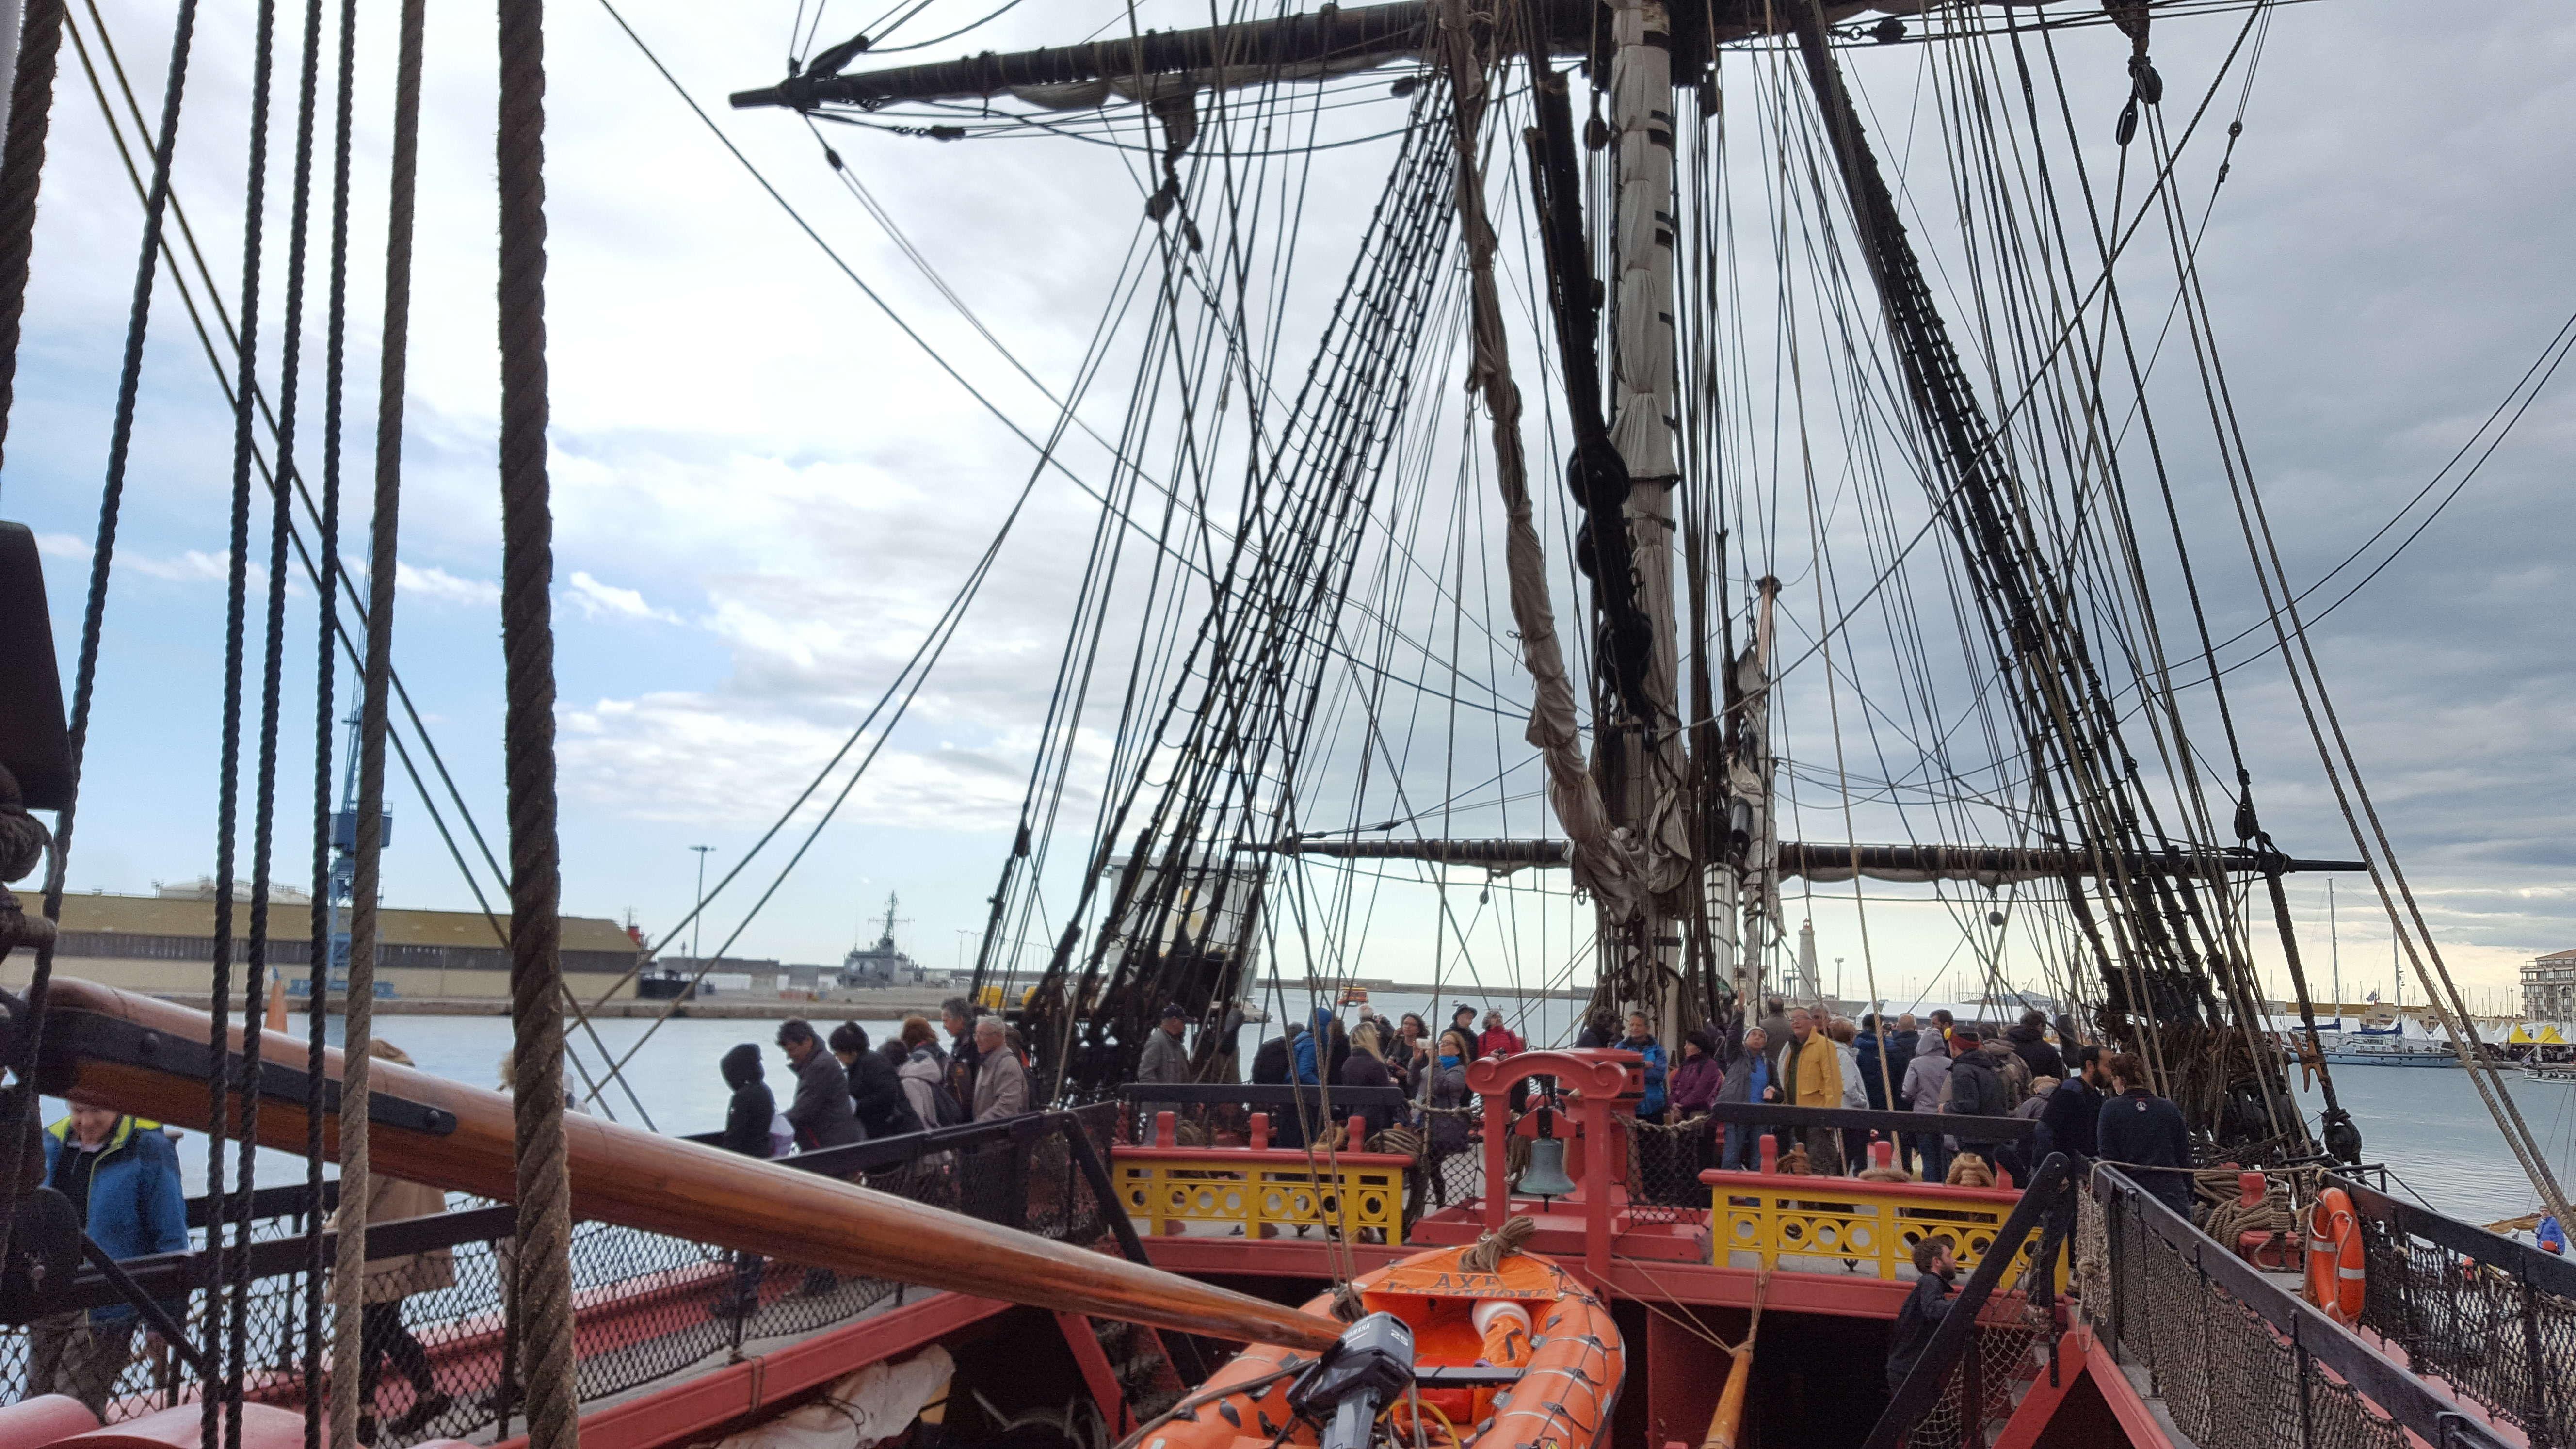 Mii de oameni se urca zilnic la bordul vasului cât timp sta acostat în port